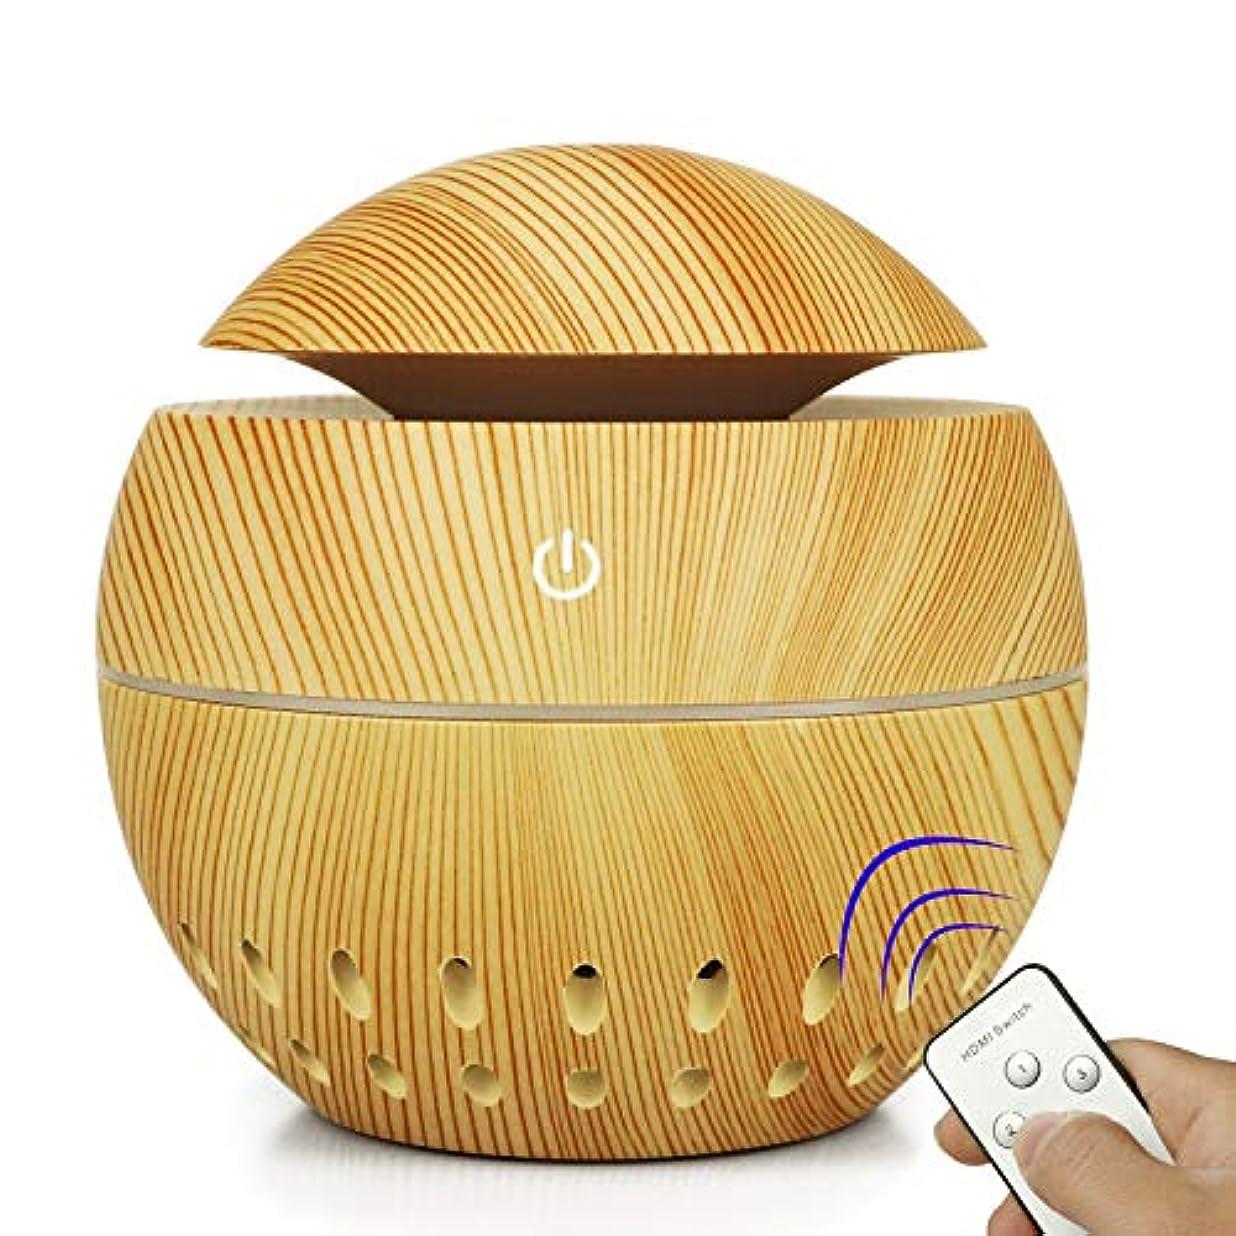 責届ける騒加湿器USBウッドグレイン中空加湿器きのこ総本店小型家電 (Color : Brass, Size : 100MM*105MM)